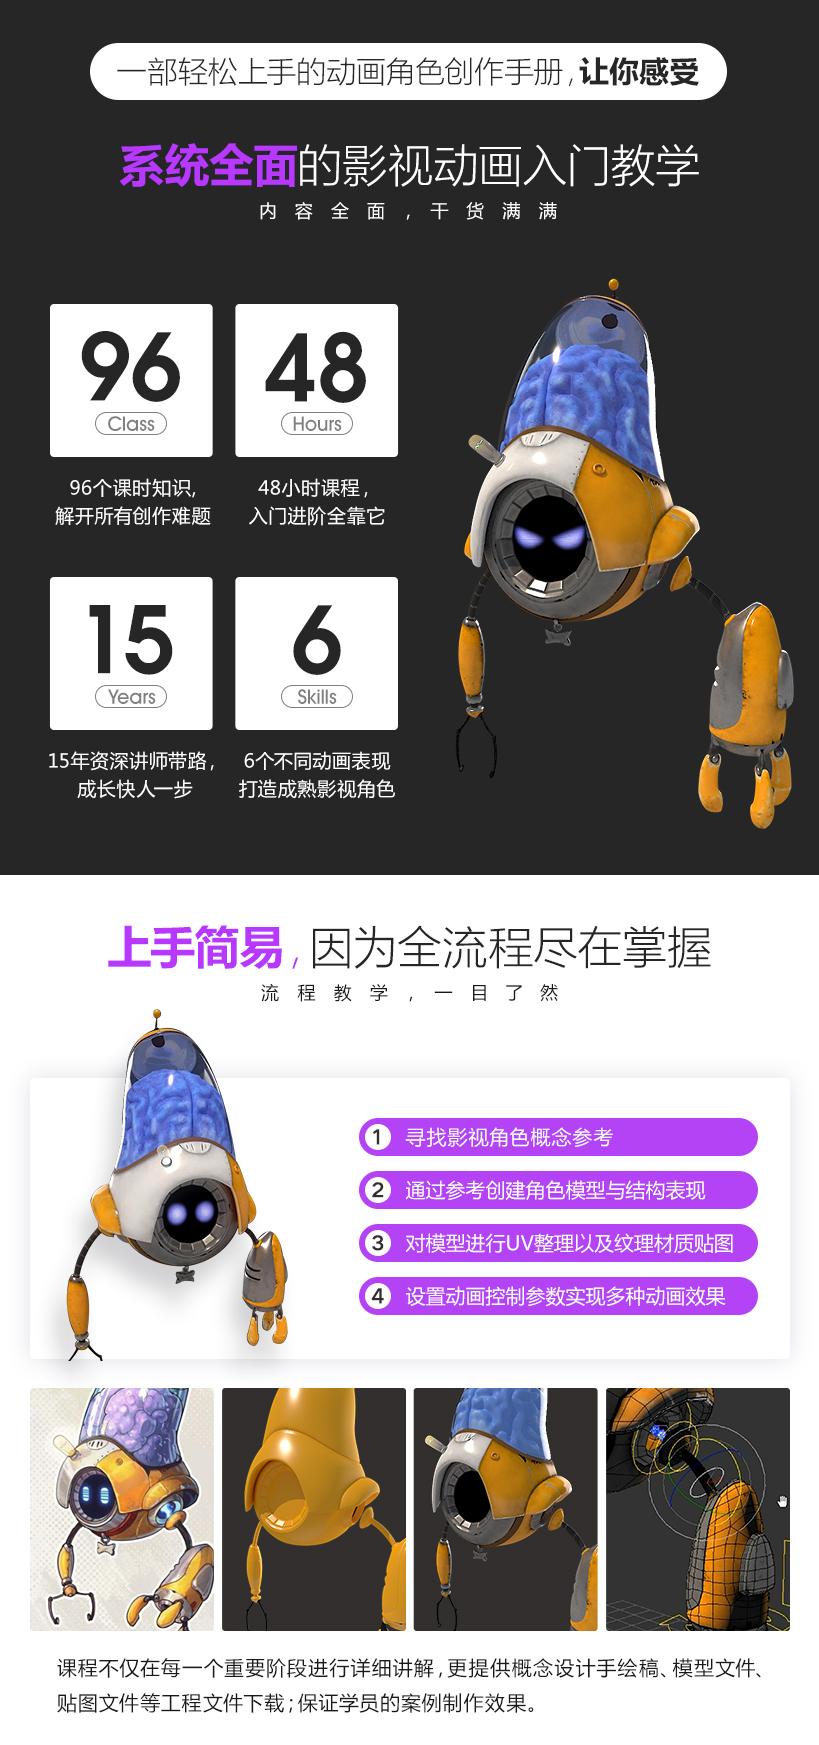 MAX科幻角色819-动画绑定篇_05.jpg